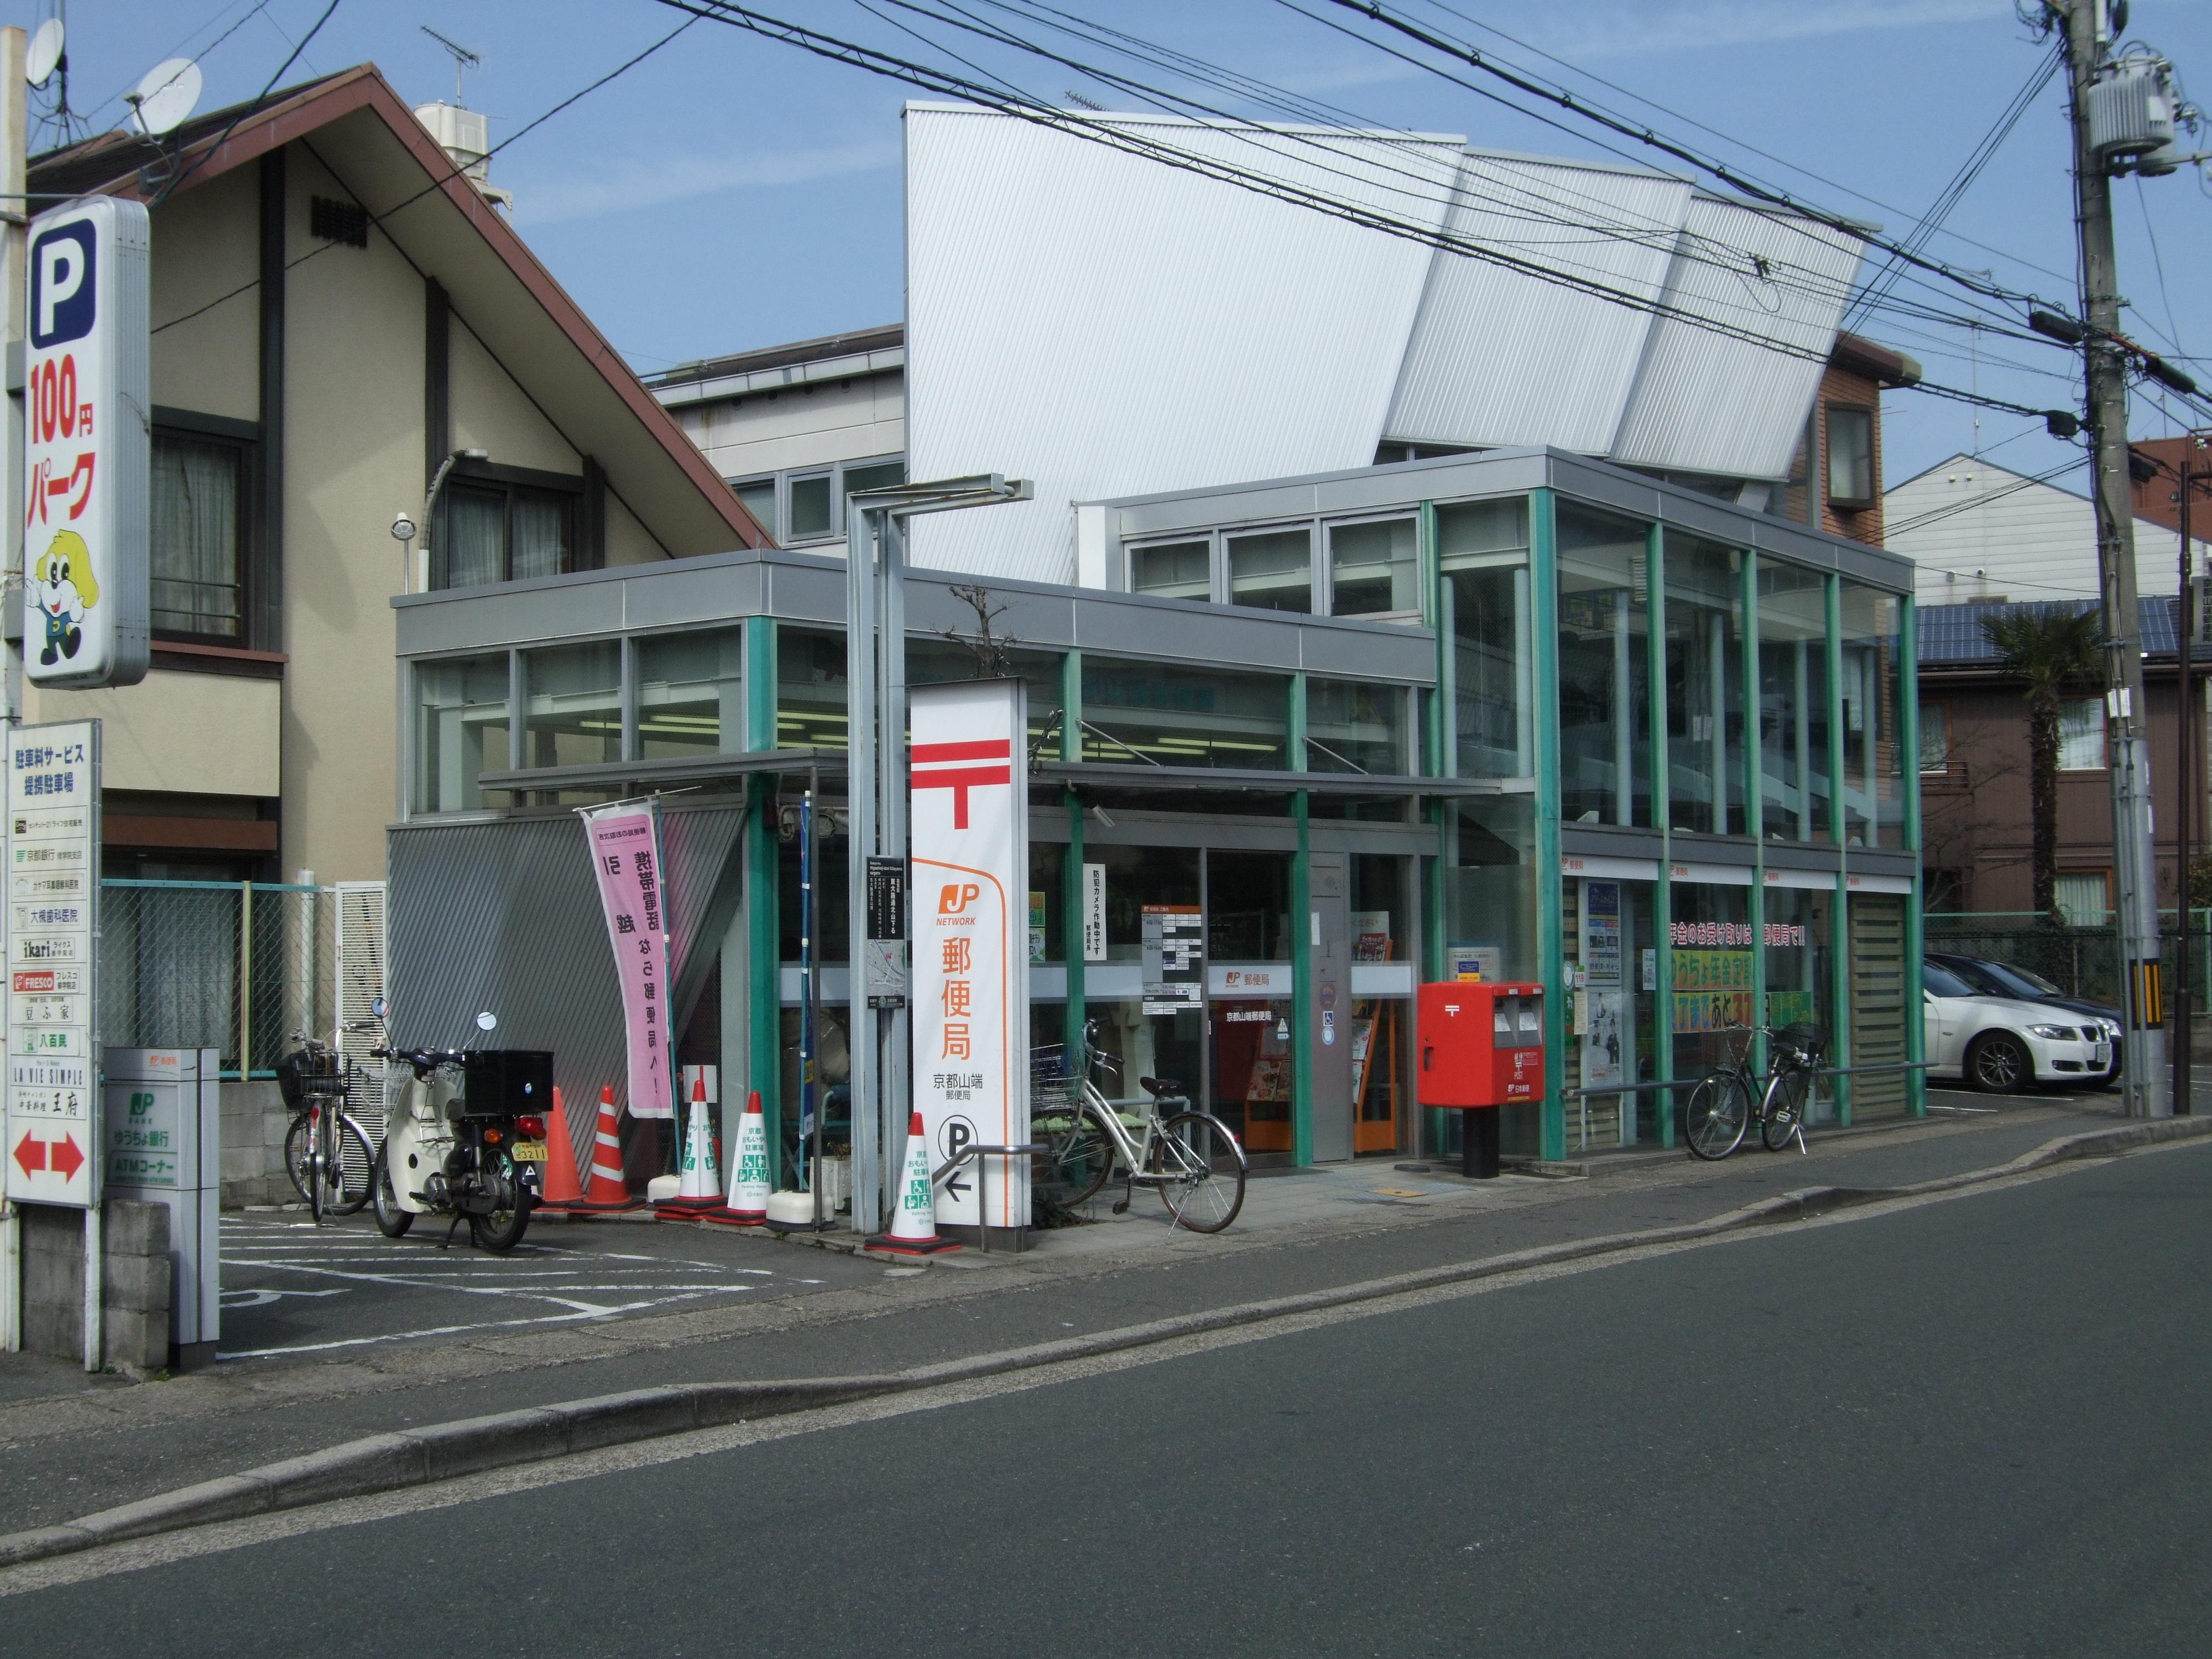 キャンパスヴィレッジ京都一乗寺 周辺画像7